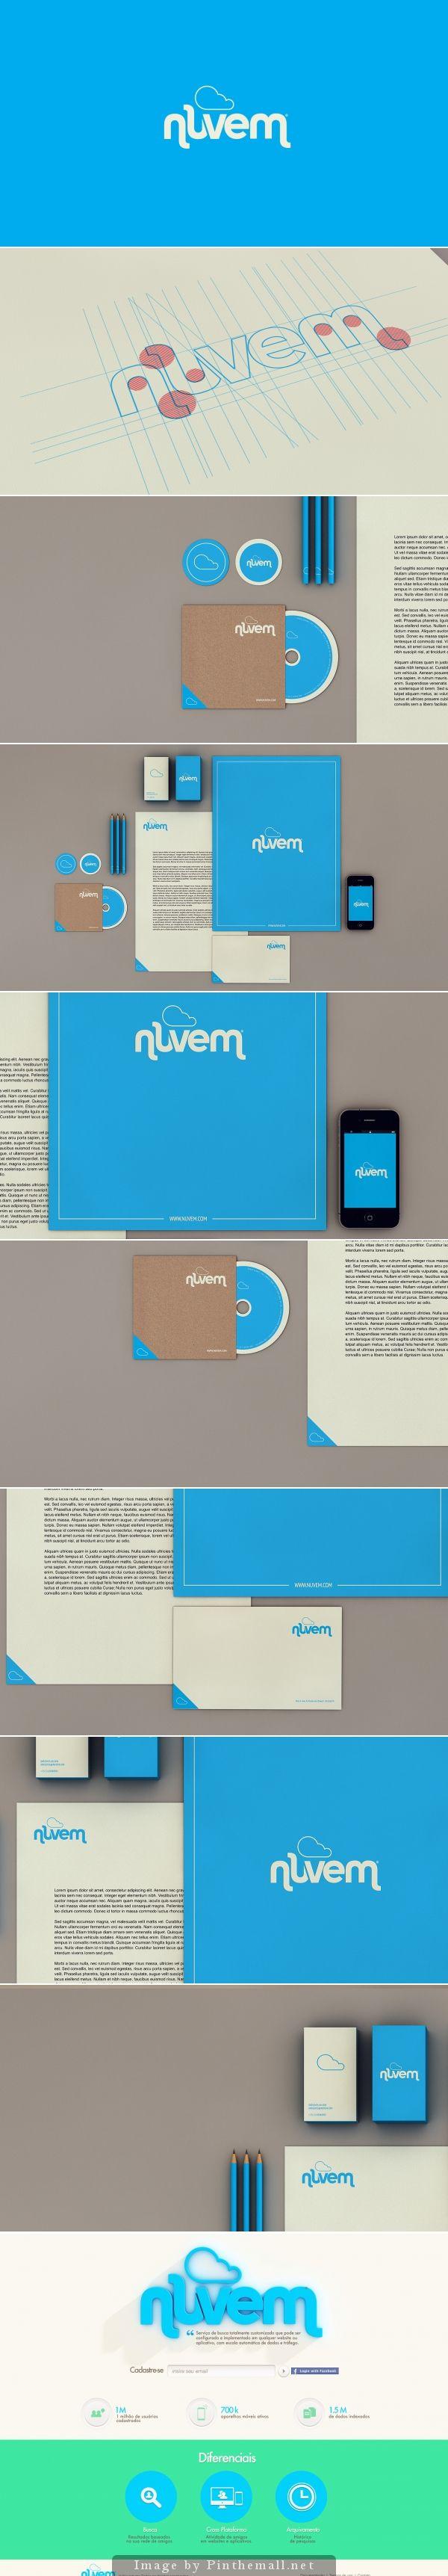 651 best Branding images on Pinterest